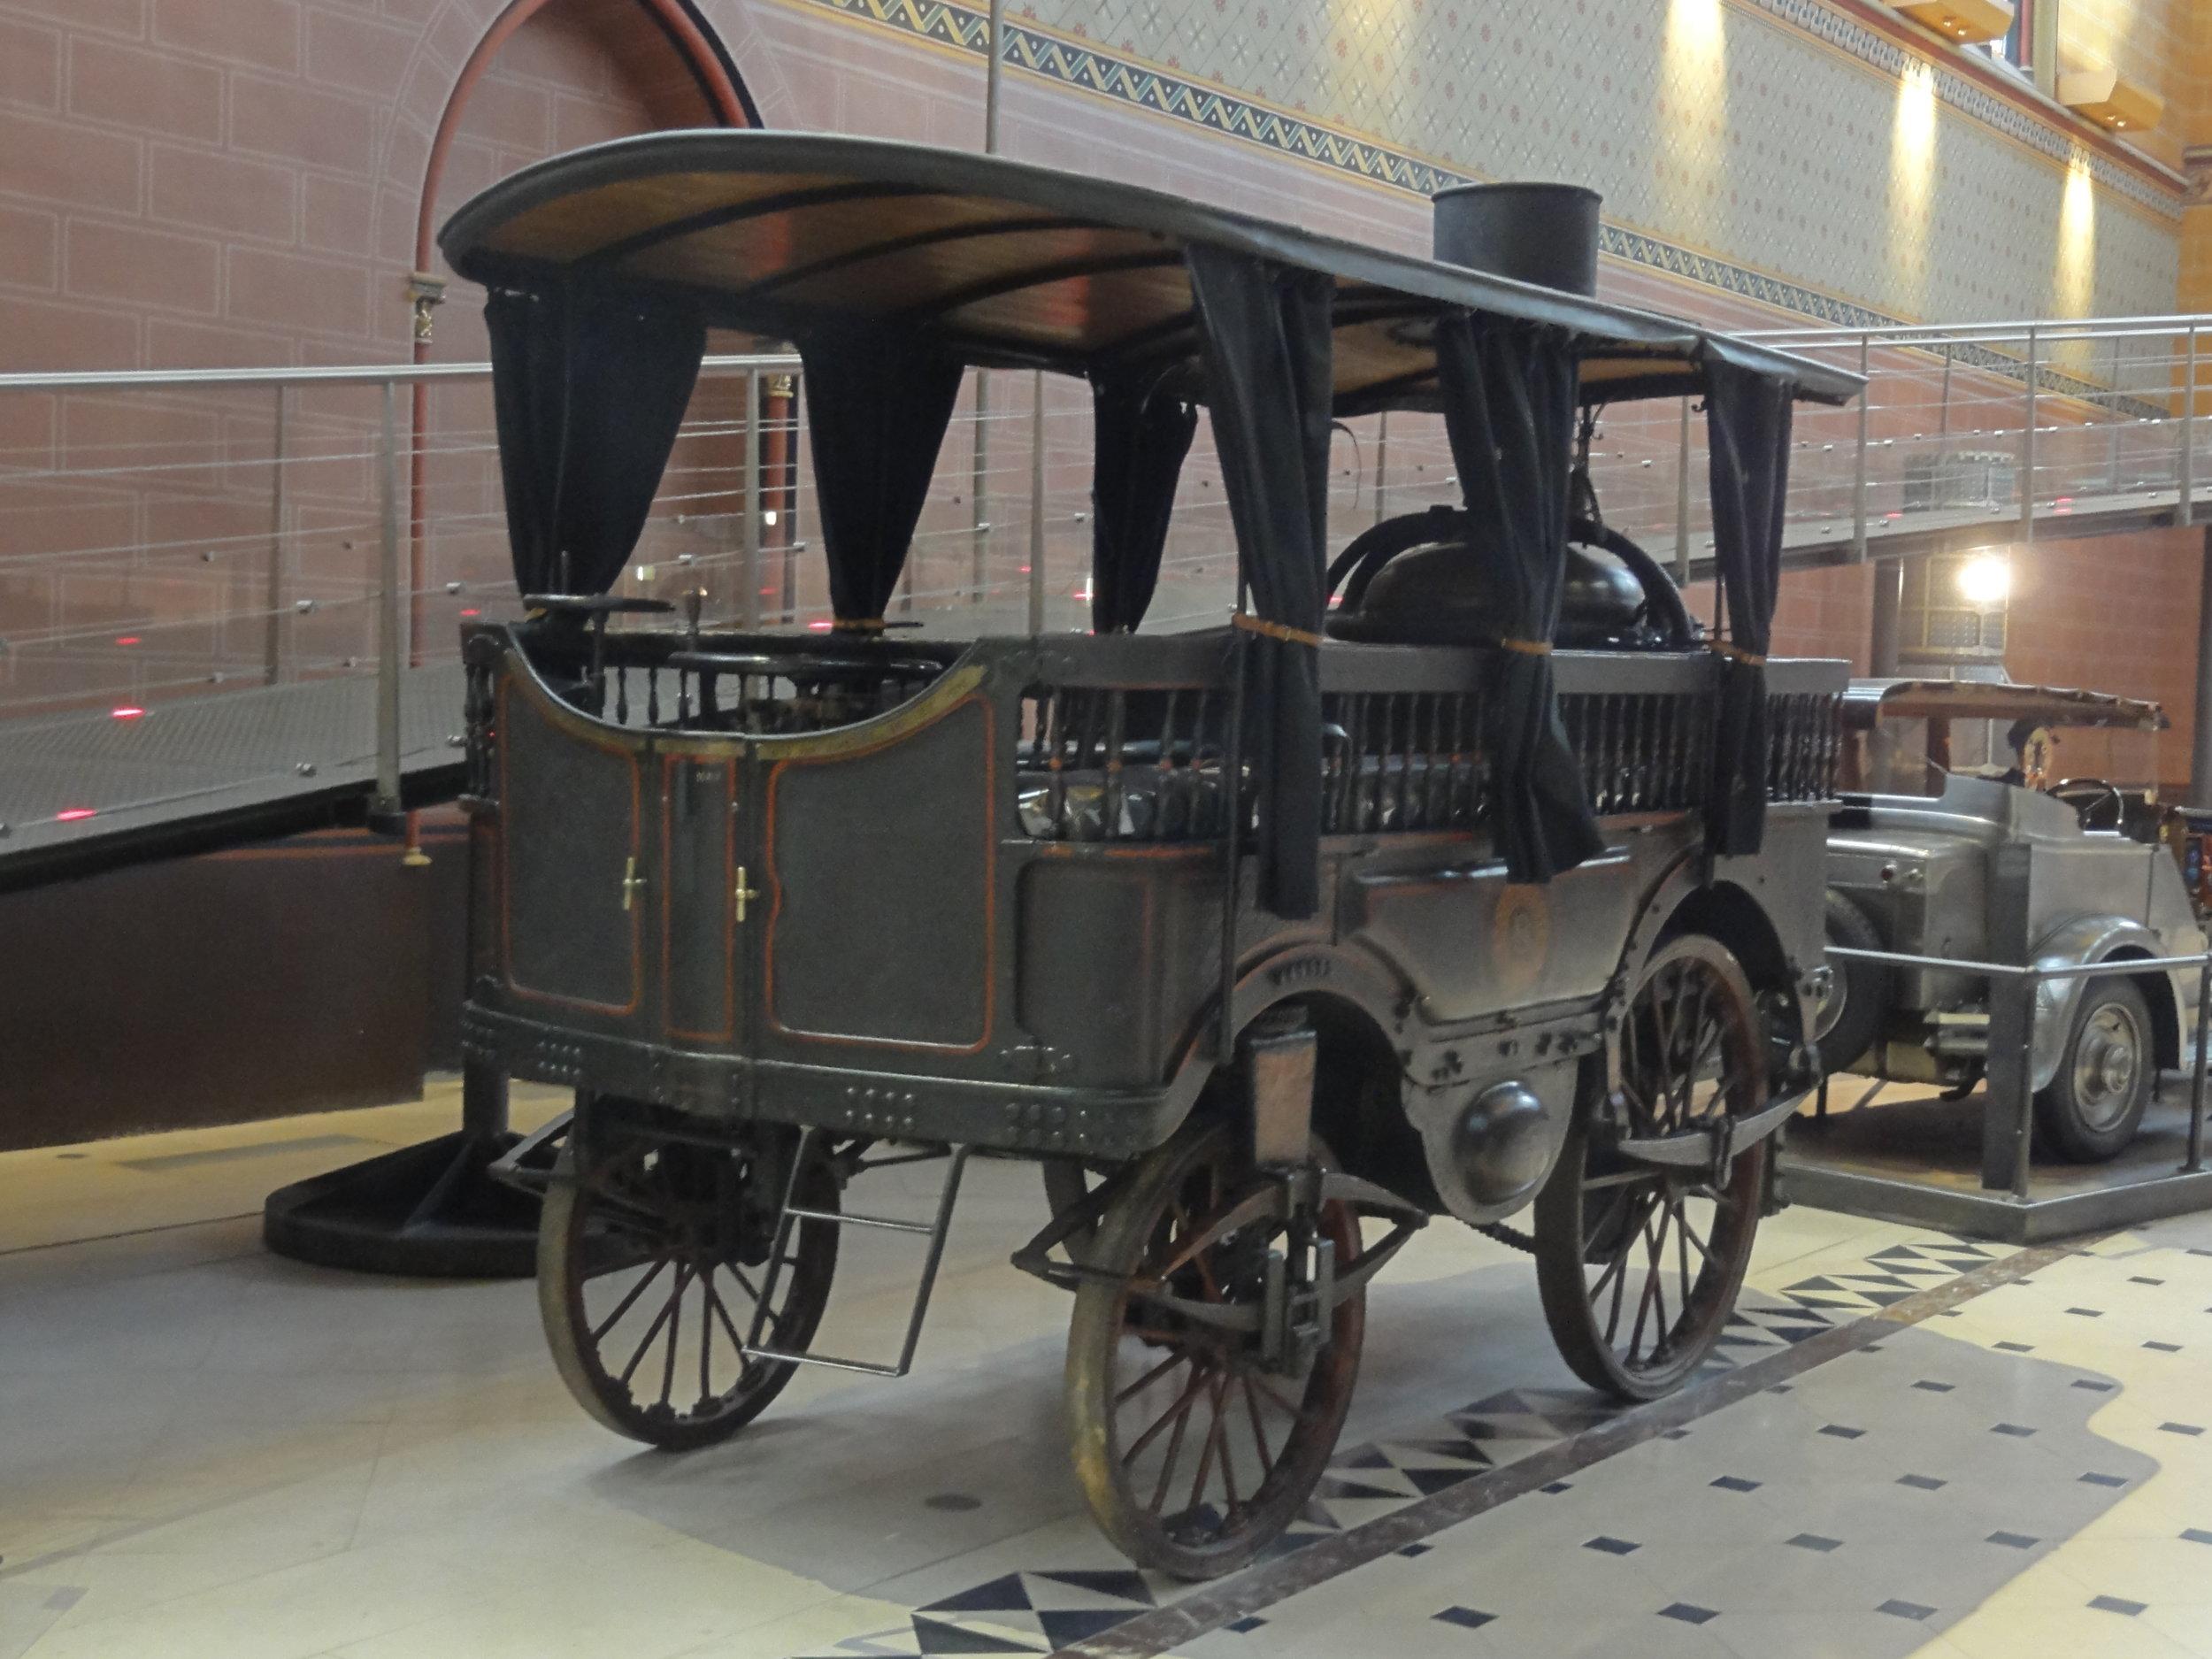 Paris_(75),_musée_des_Arts_et_métiers,_autobus_à_vapeur_d'Amédée_Bollée_père,_1873_3.jpg